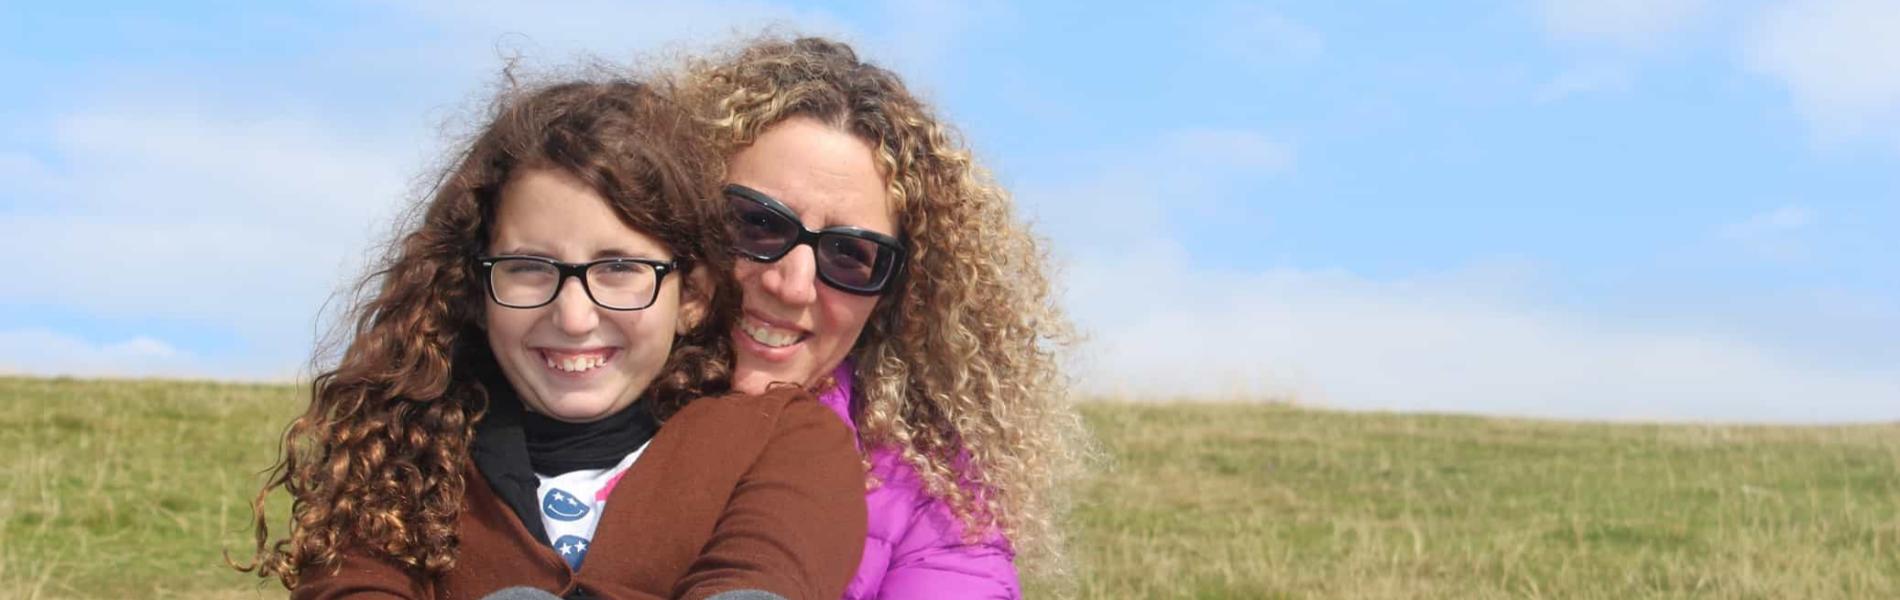 בשבעה של בתי בת ה-11, החלטתי שהאחים שלה לא יאבדו גם את אמא